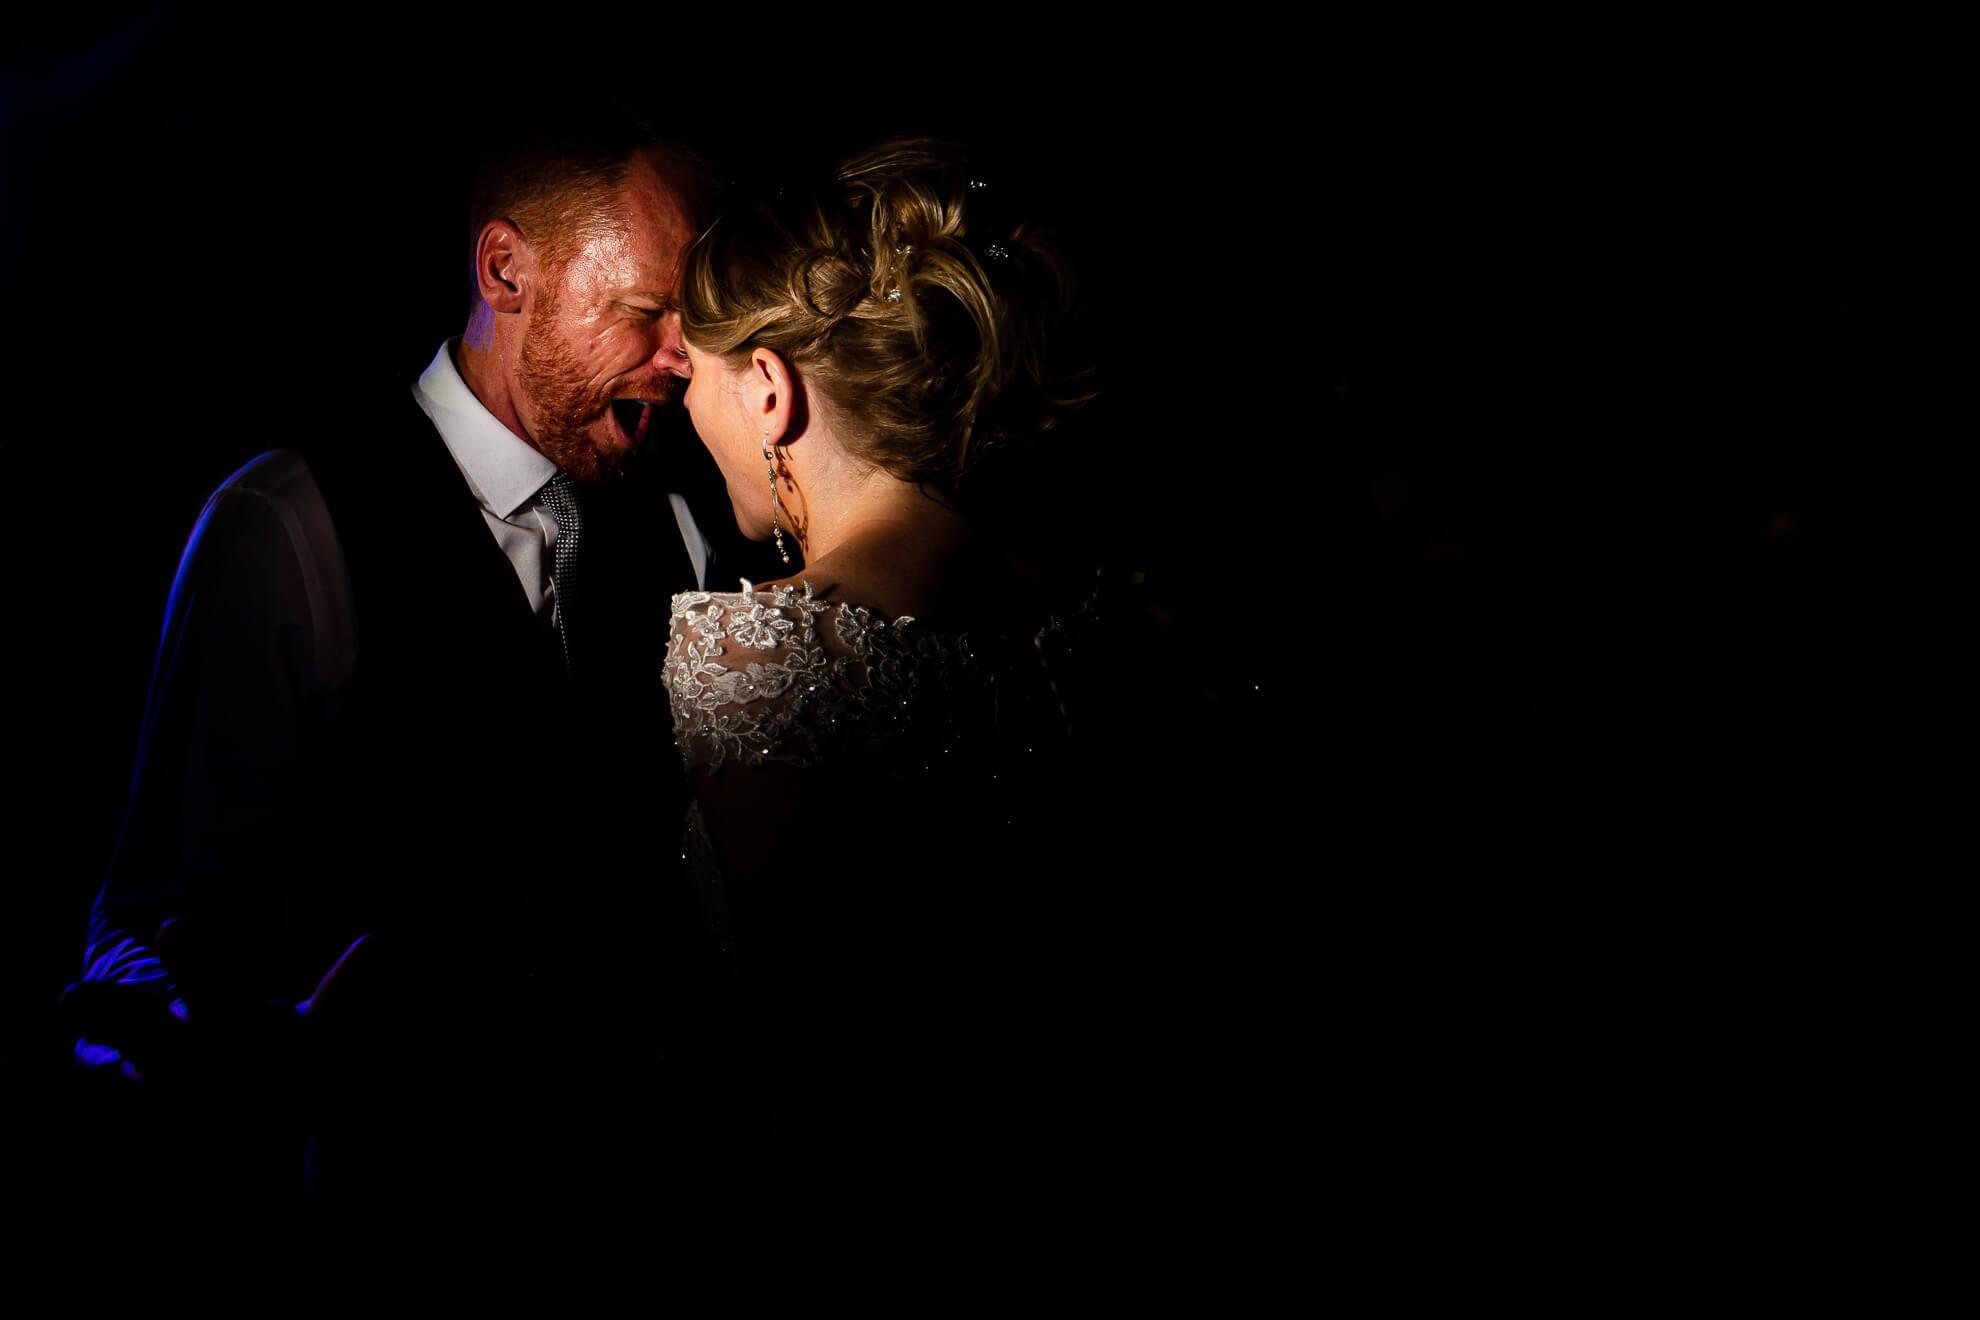 Première danse couple dans le noir